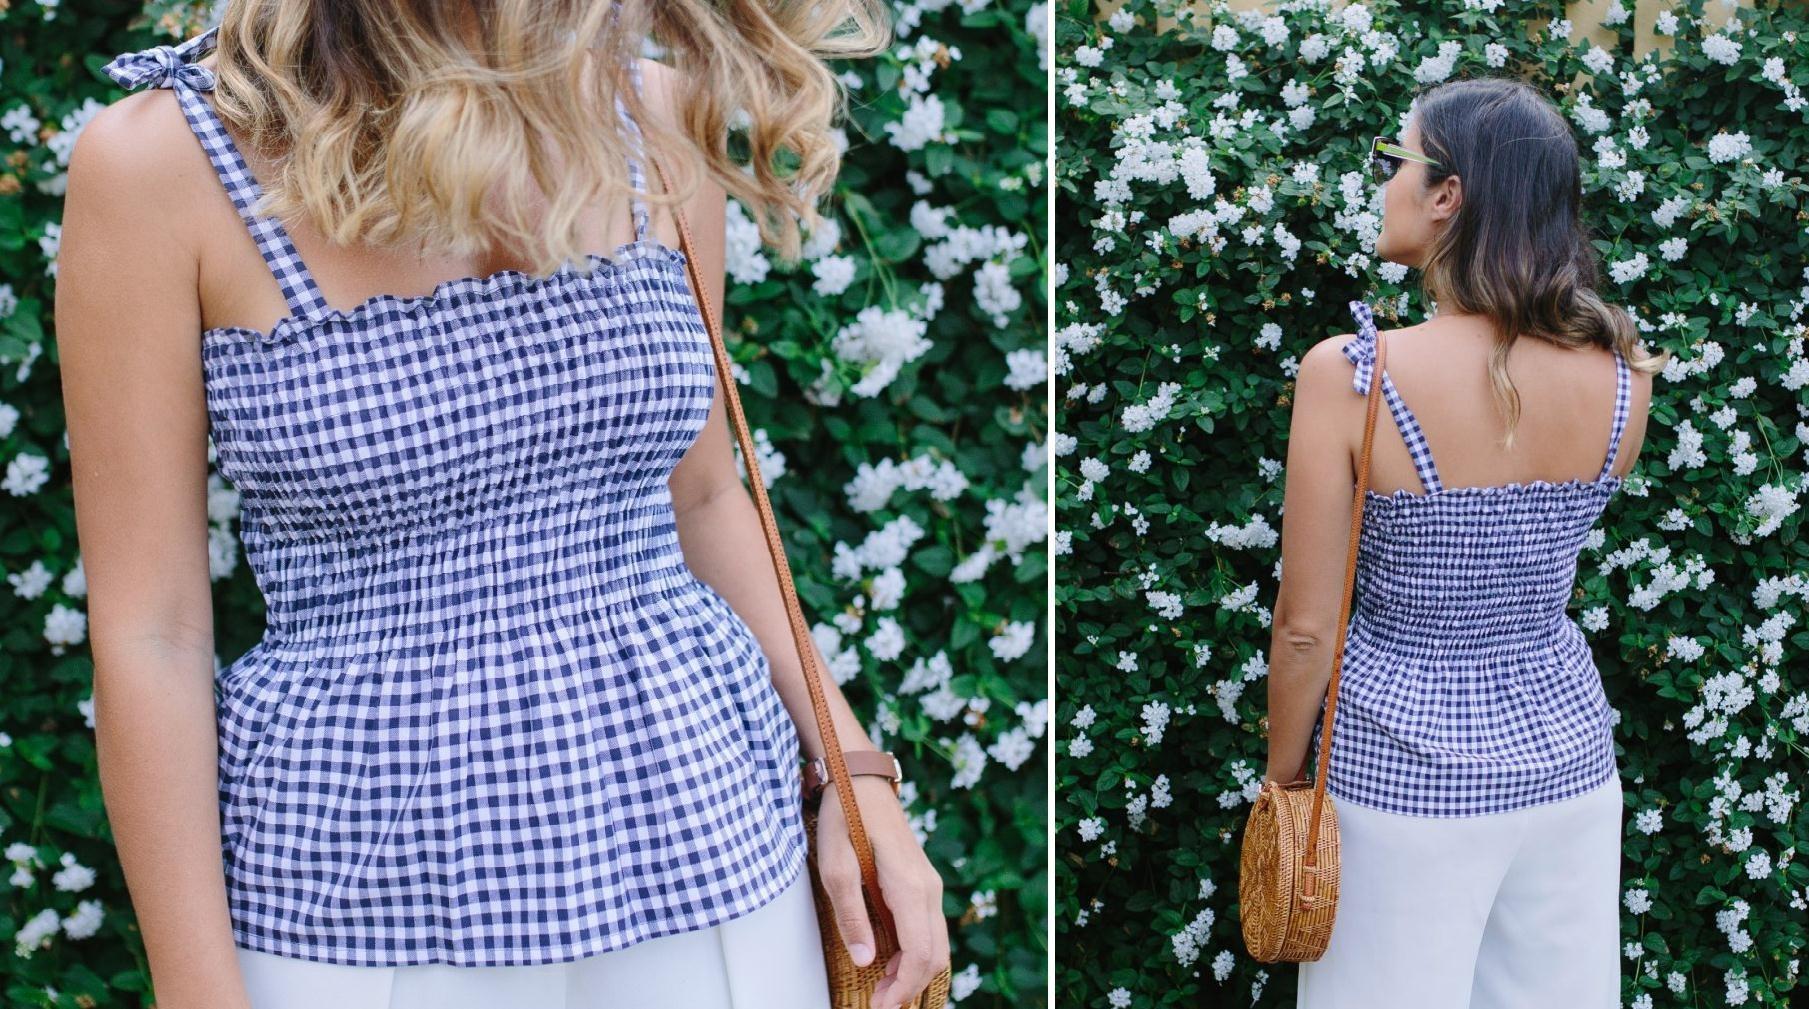 Como hacer tops o vestidos arruchados en simples pasos1